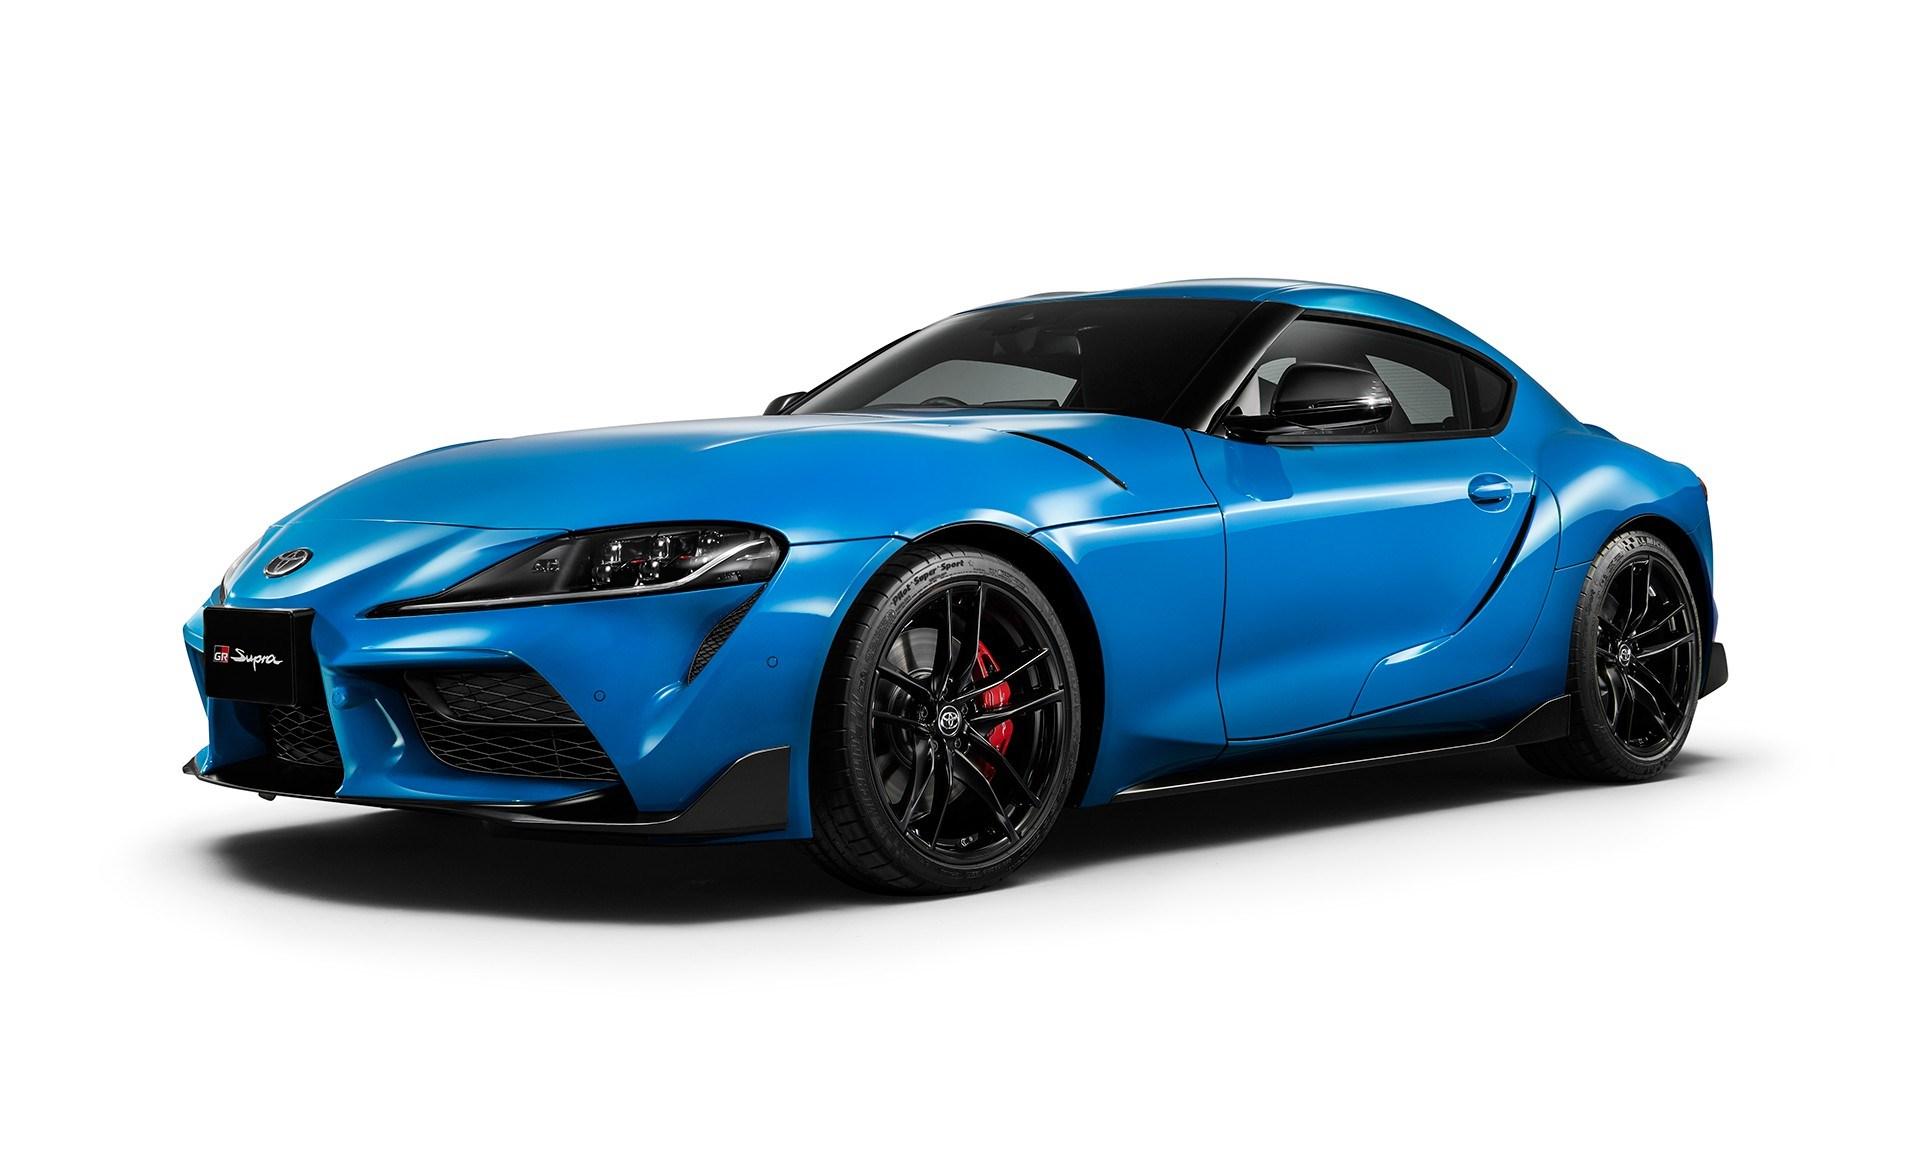 スープラRZのエンジン出力が47PSアップ、限定色の特別仕様車も登場